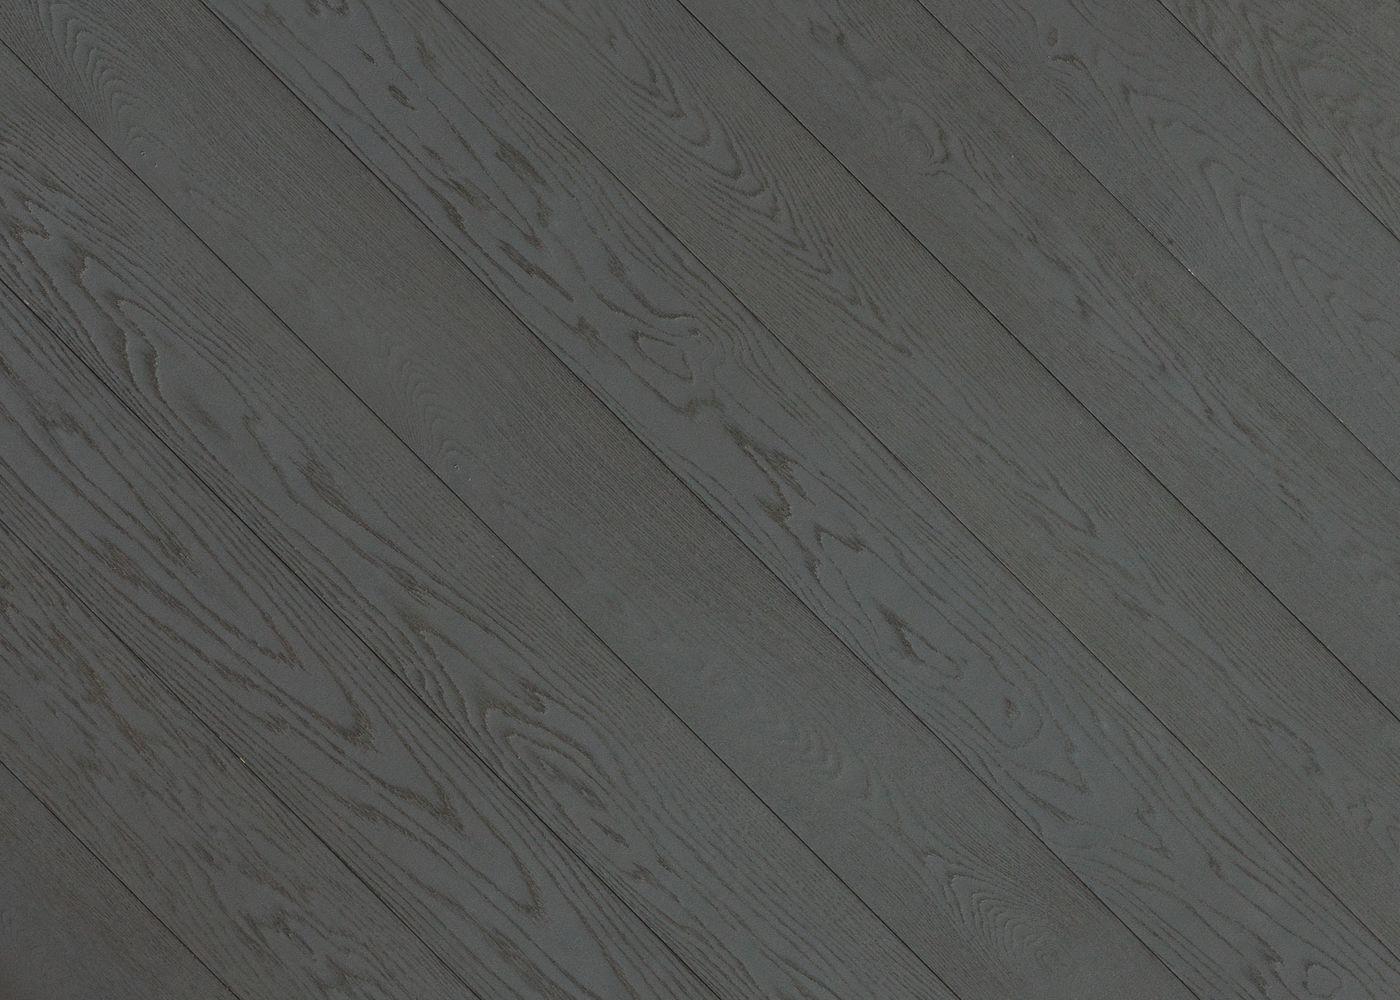 Parquet Contrecollé Monolame Chêne G4 Prbis Contemporain Vernis Brossé Mat Teinte Grise (e8)- Pefc - Fsc 13x150